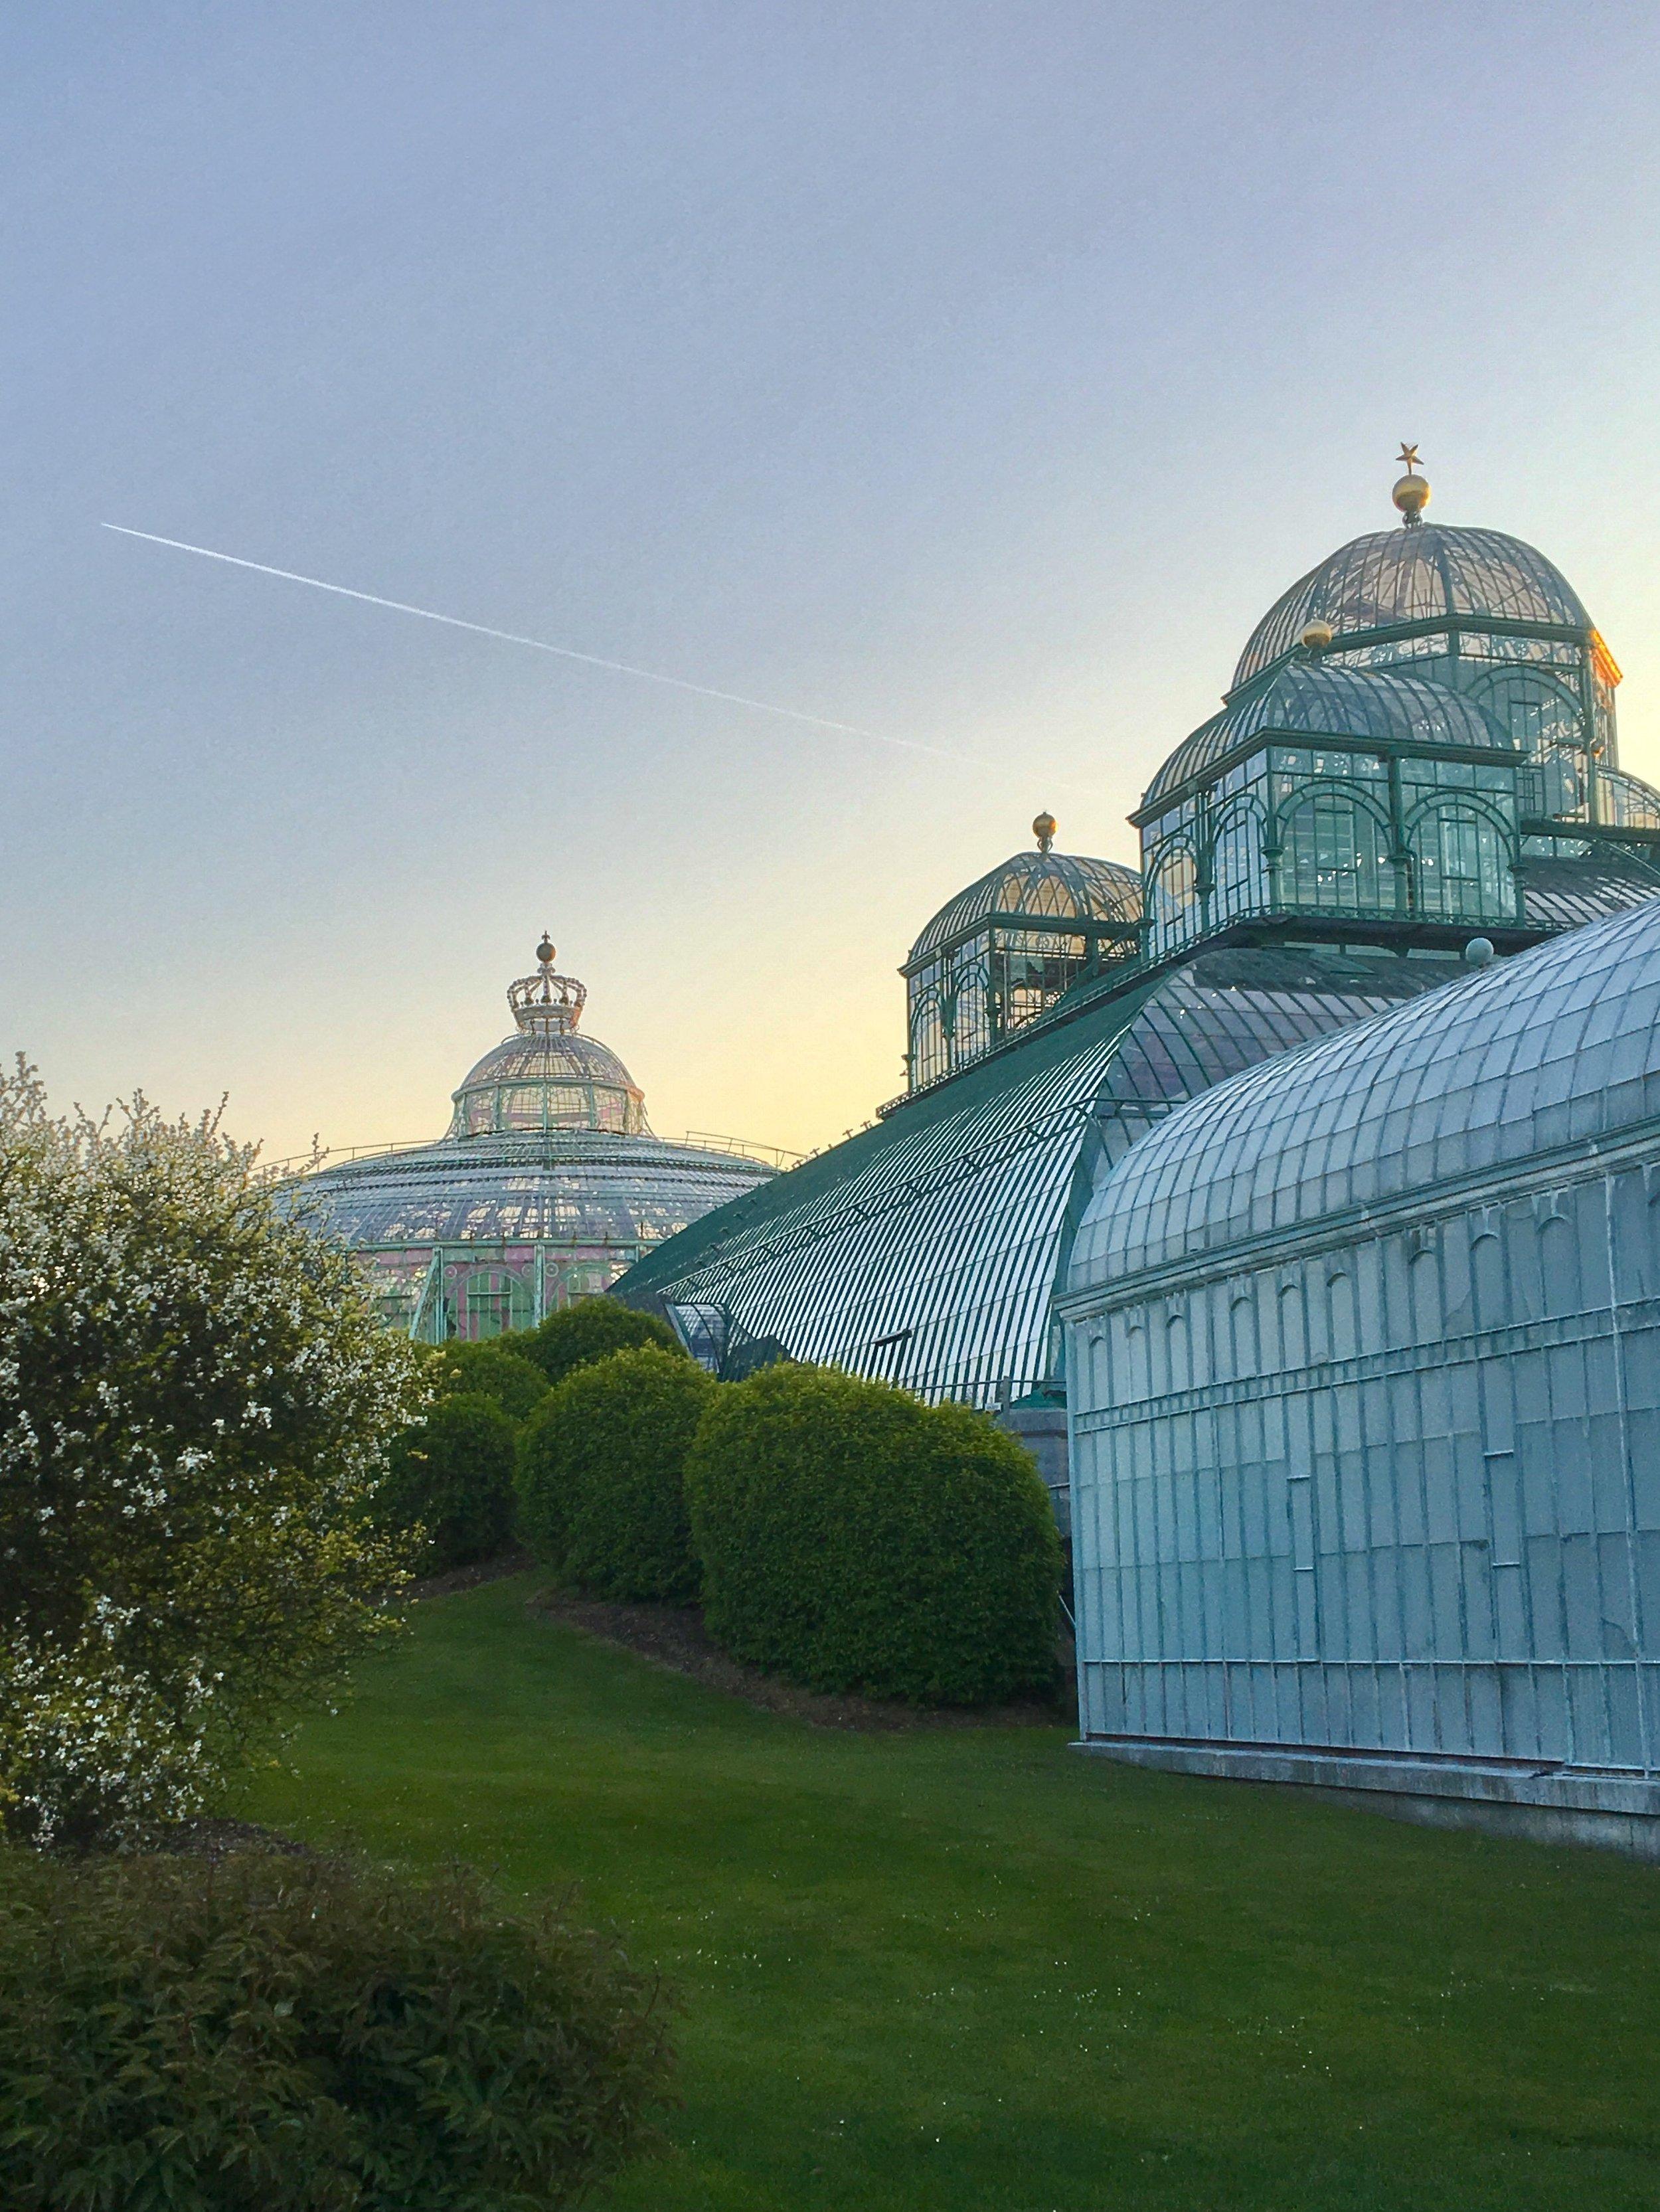 Majestic Greenhouses of Laeken Palace